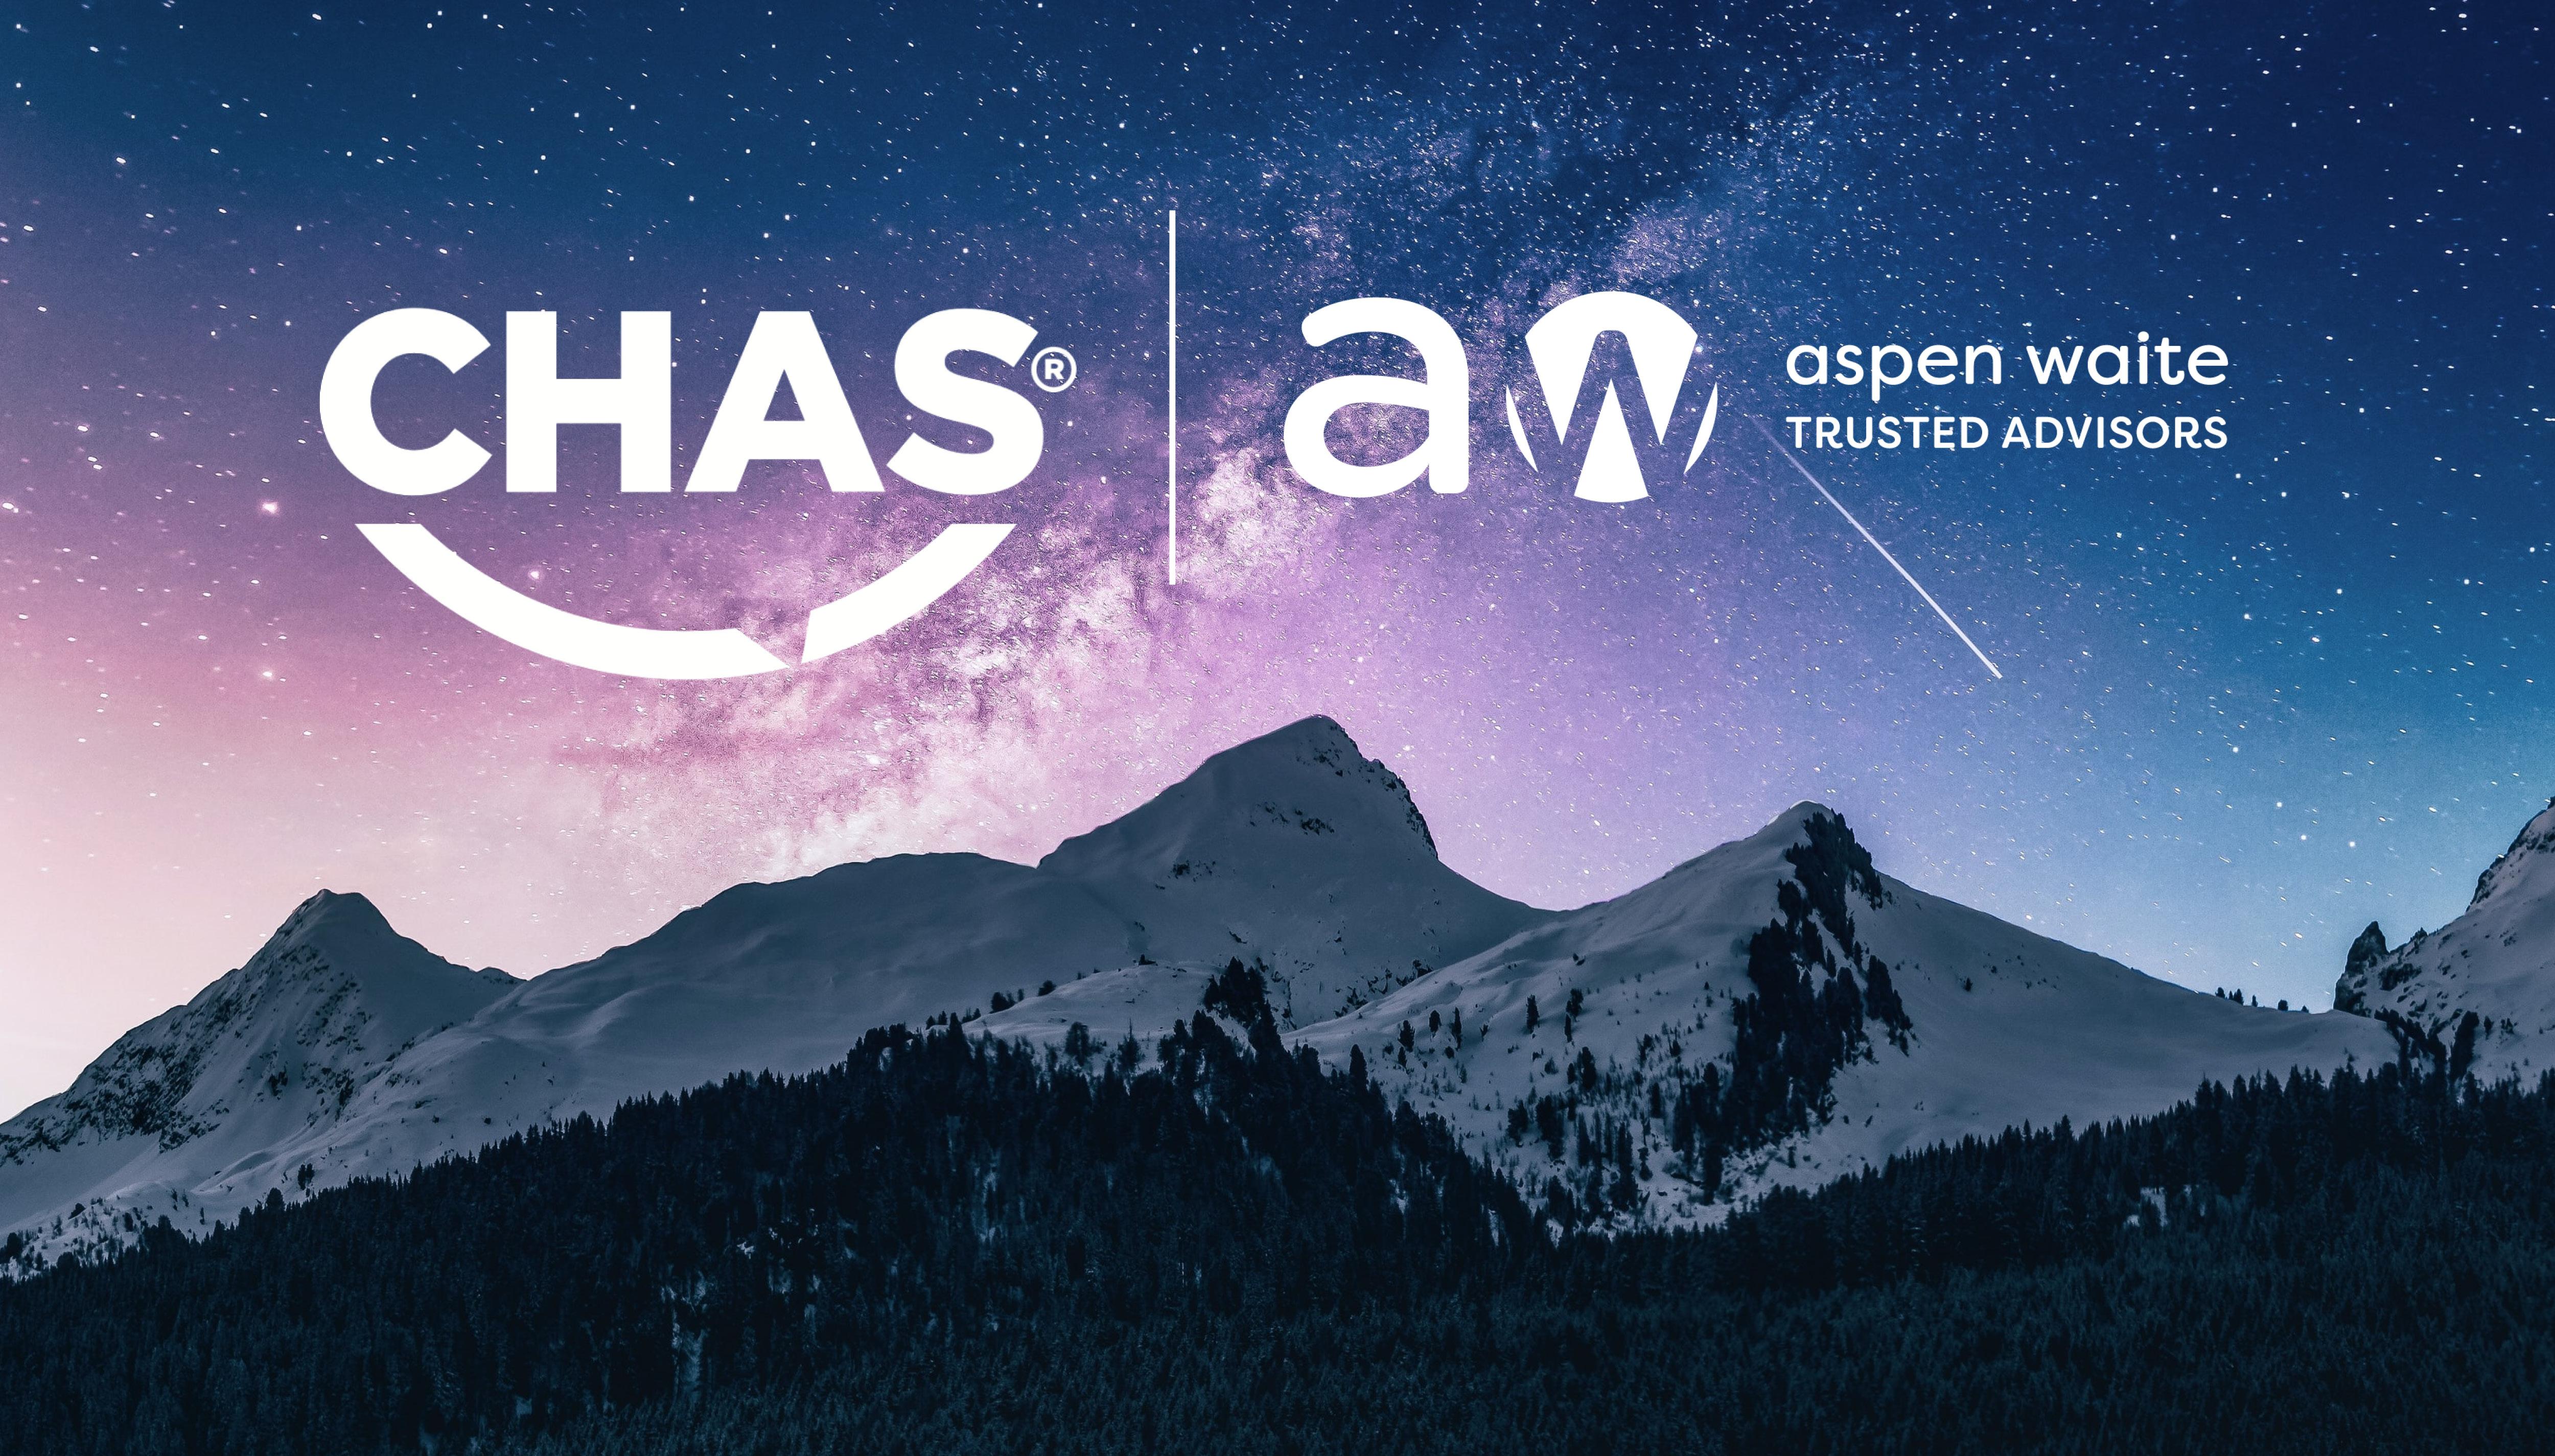 Aspen Waite Unveil Partnership With CHAS